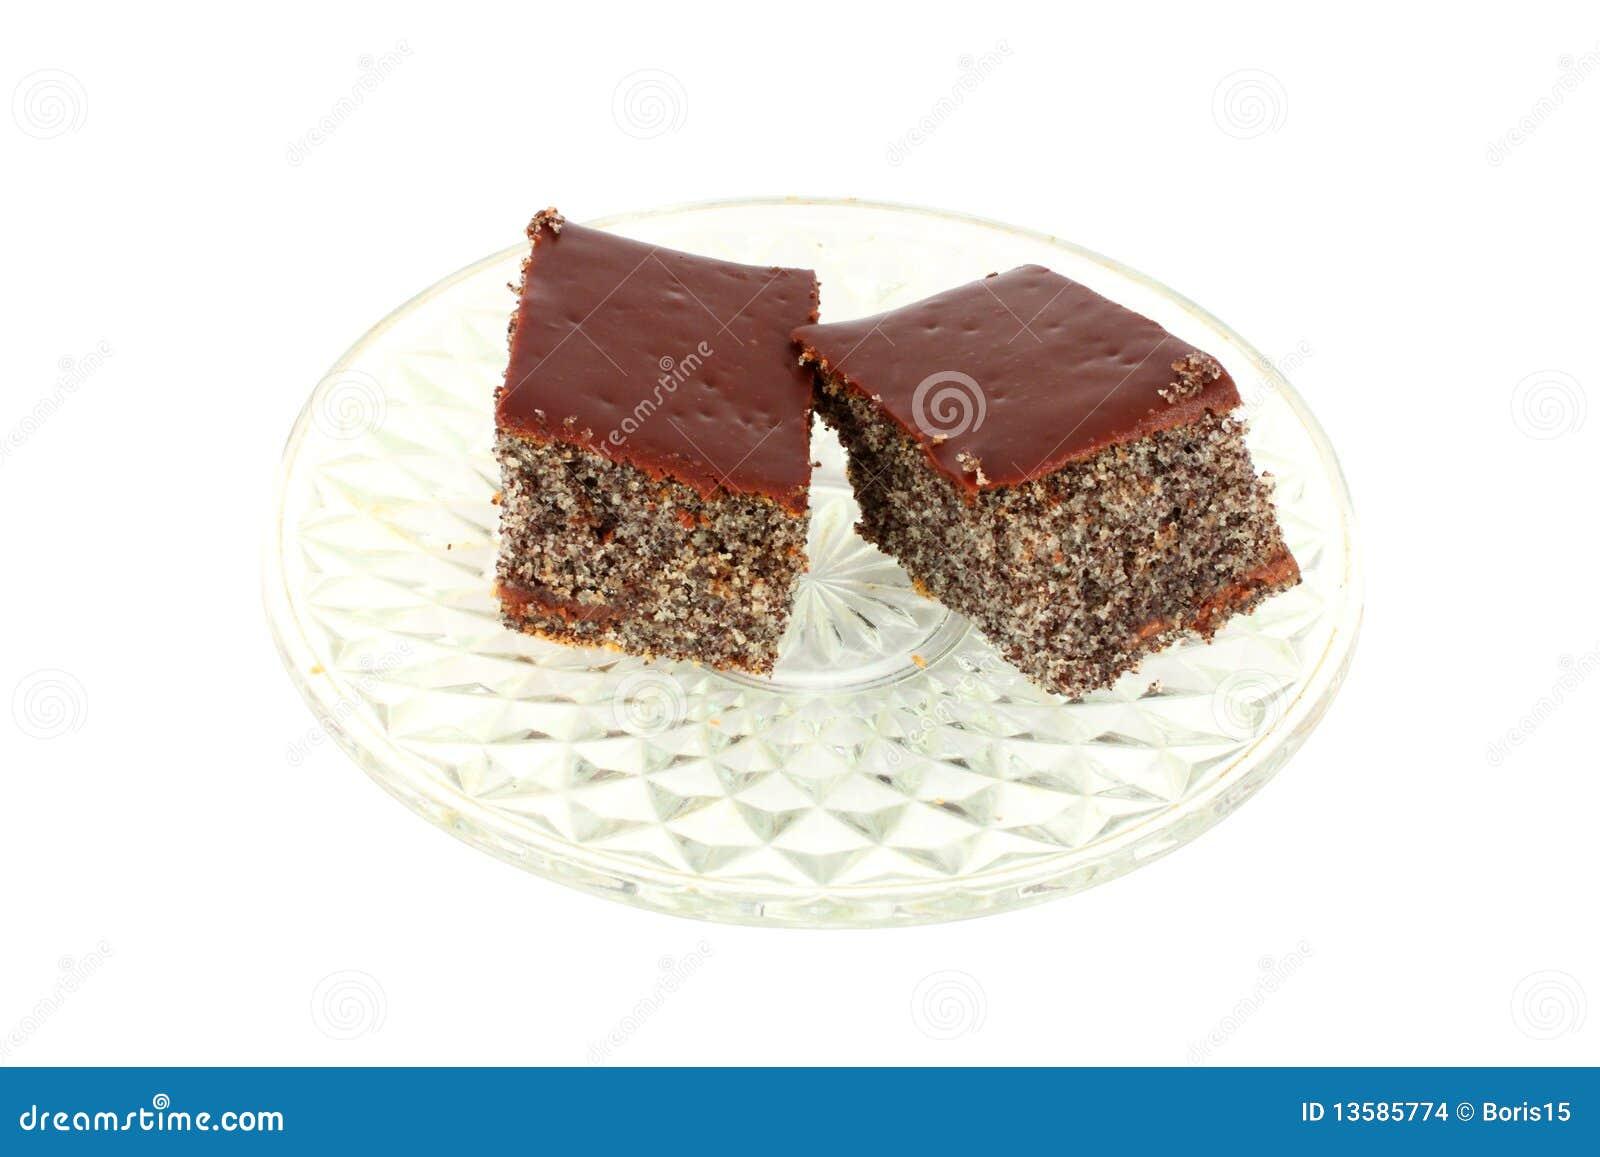 Laras hechas en casa tortas hechas en casa de la amapola - Decoracion hecha en casa ...